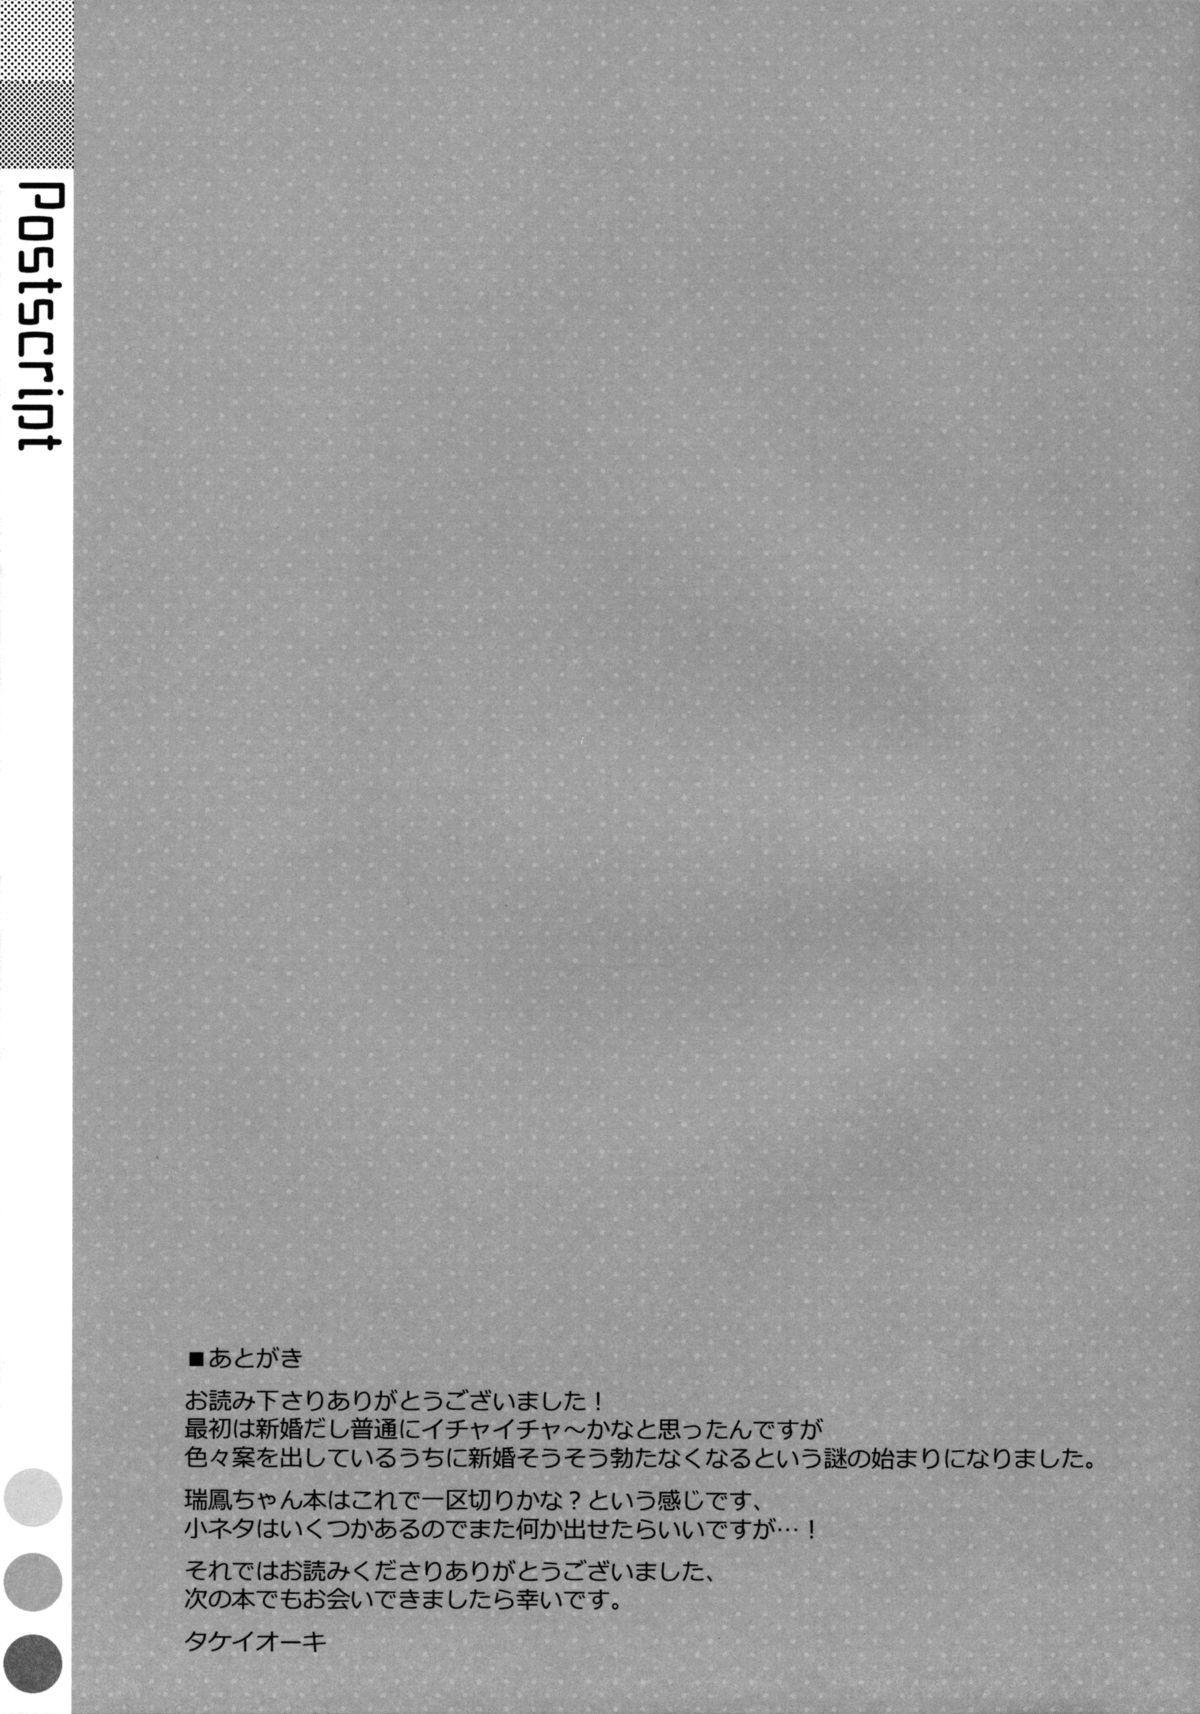 Choro Zuihou-chan Kai 27